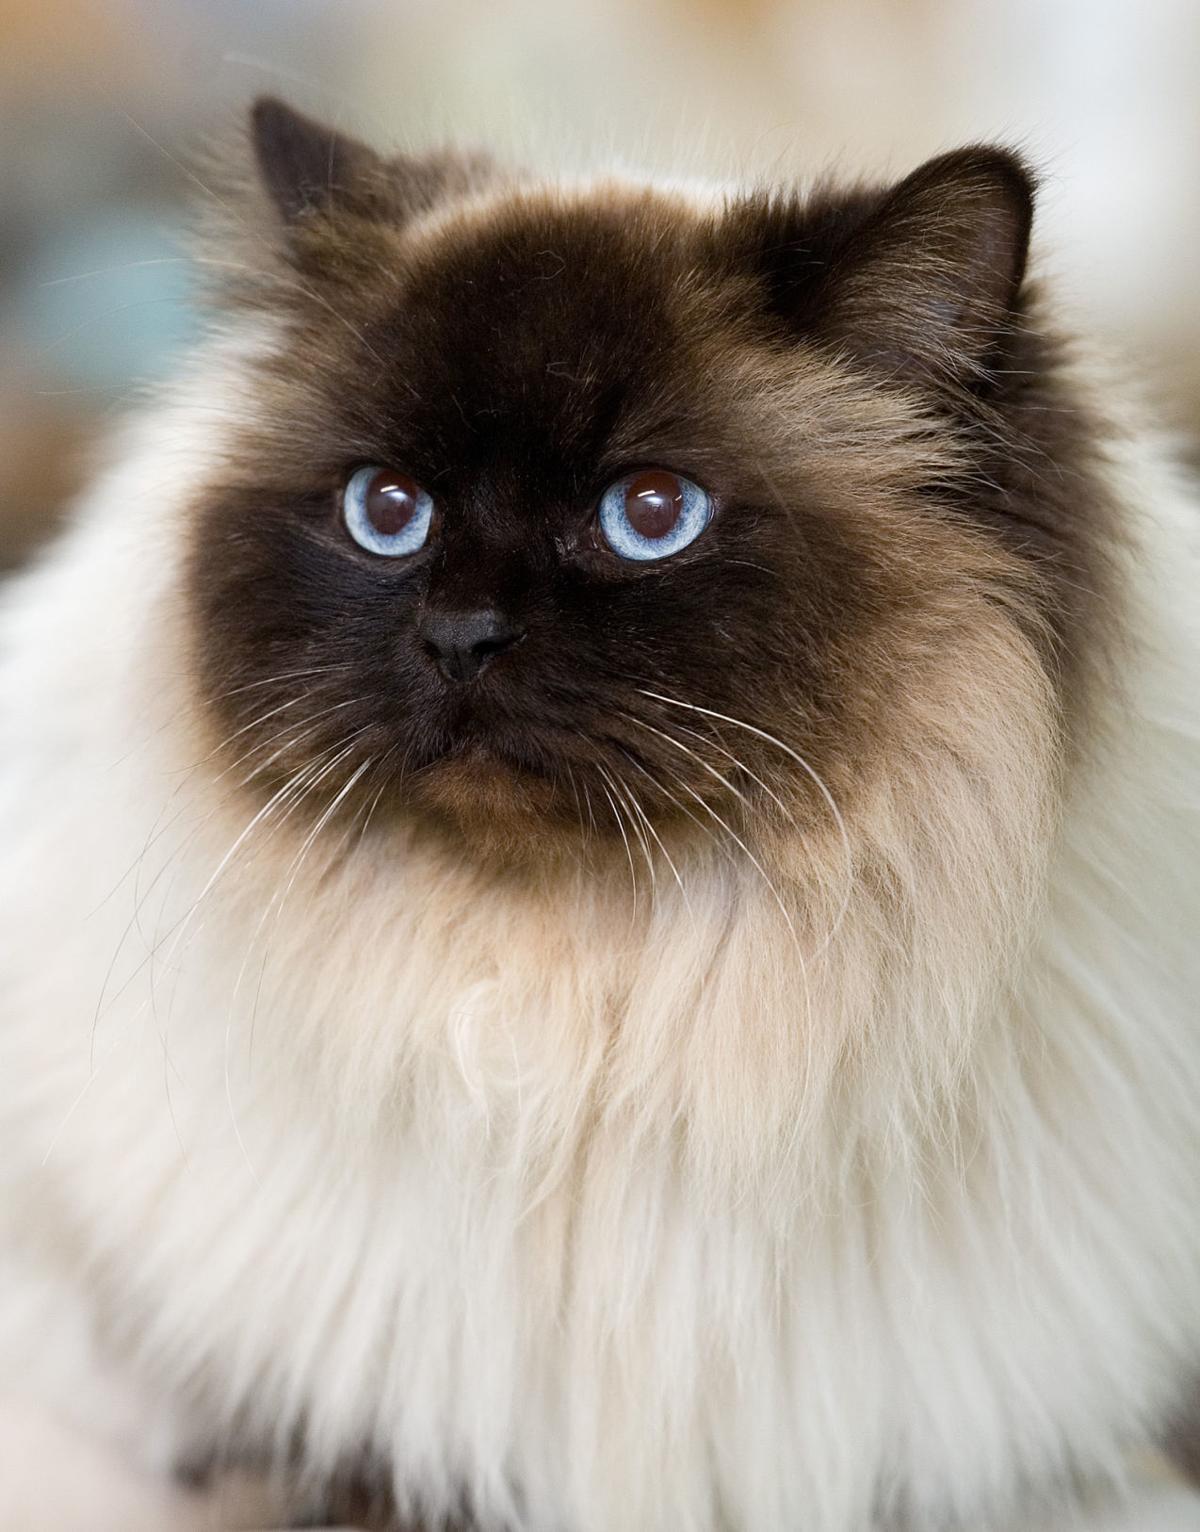 041418-mat-pets-cat-KK.jpg